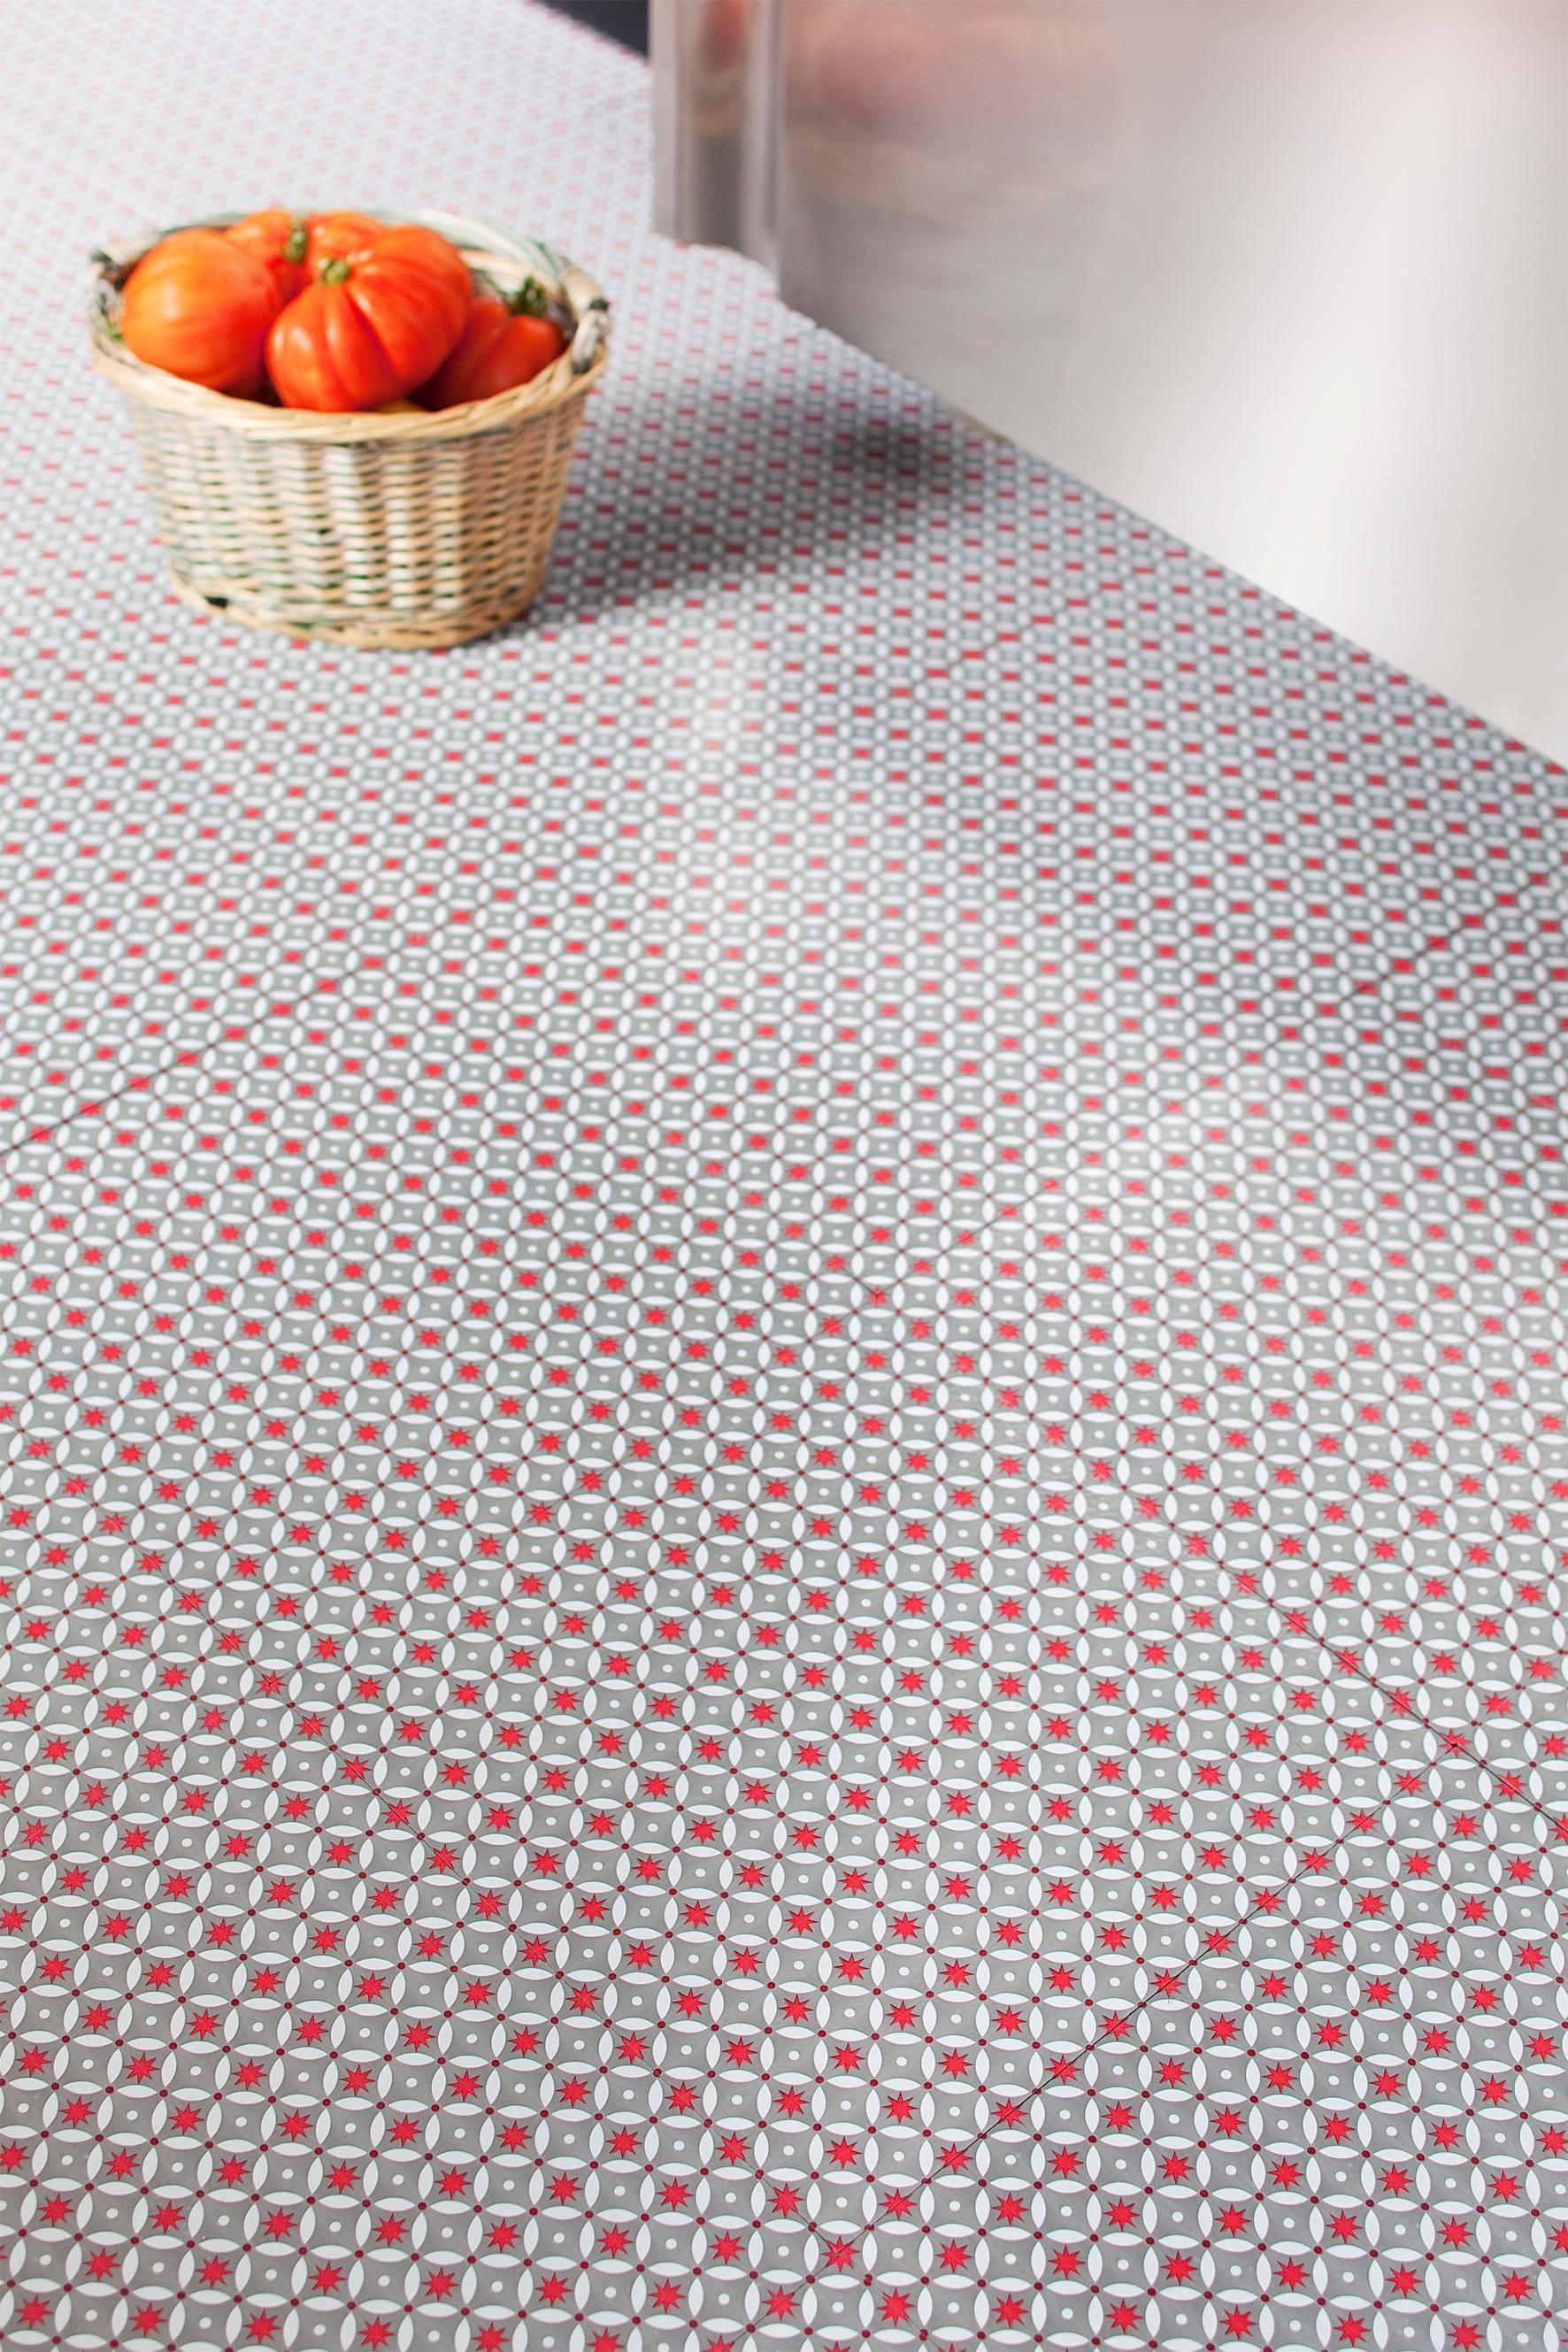 Red Stars Vinyl Flooring. Retro Vinyl Floor tiles for your home | 21 ...